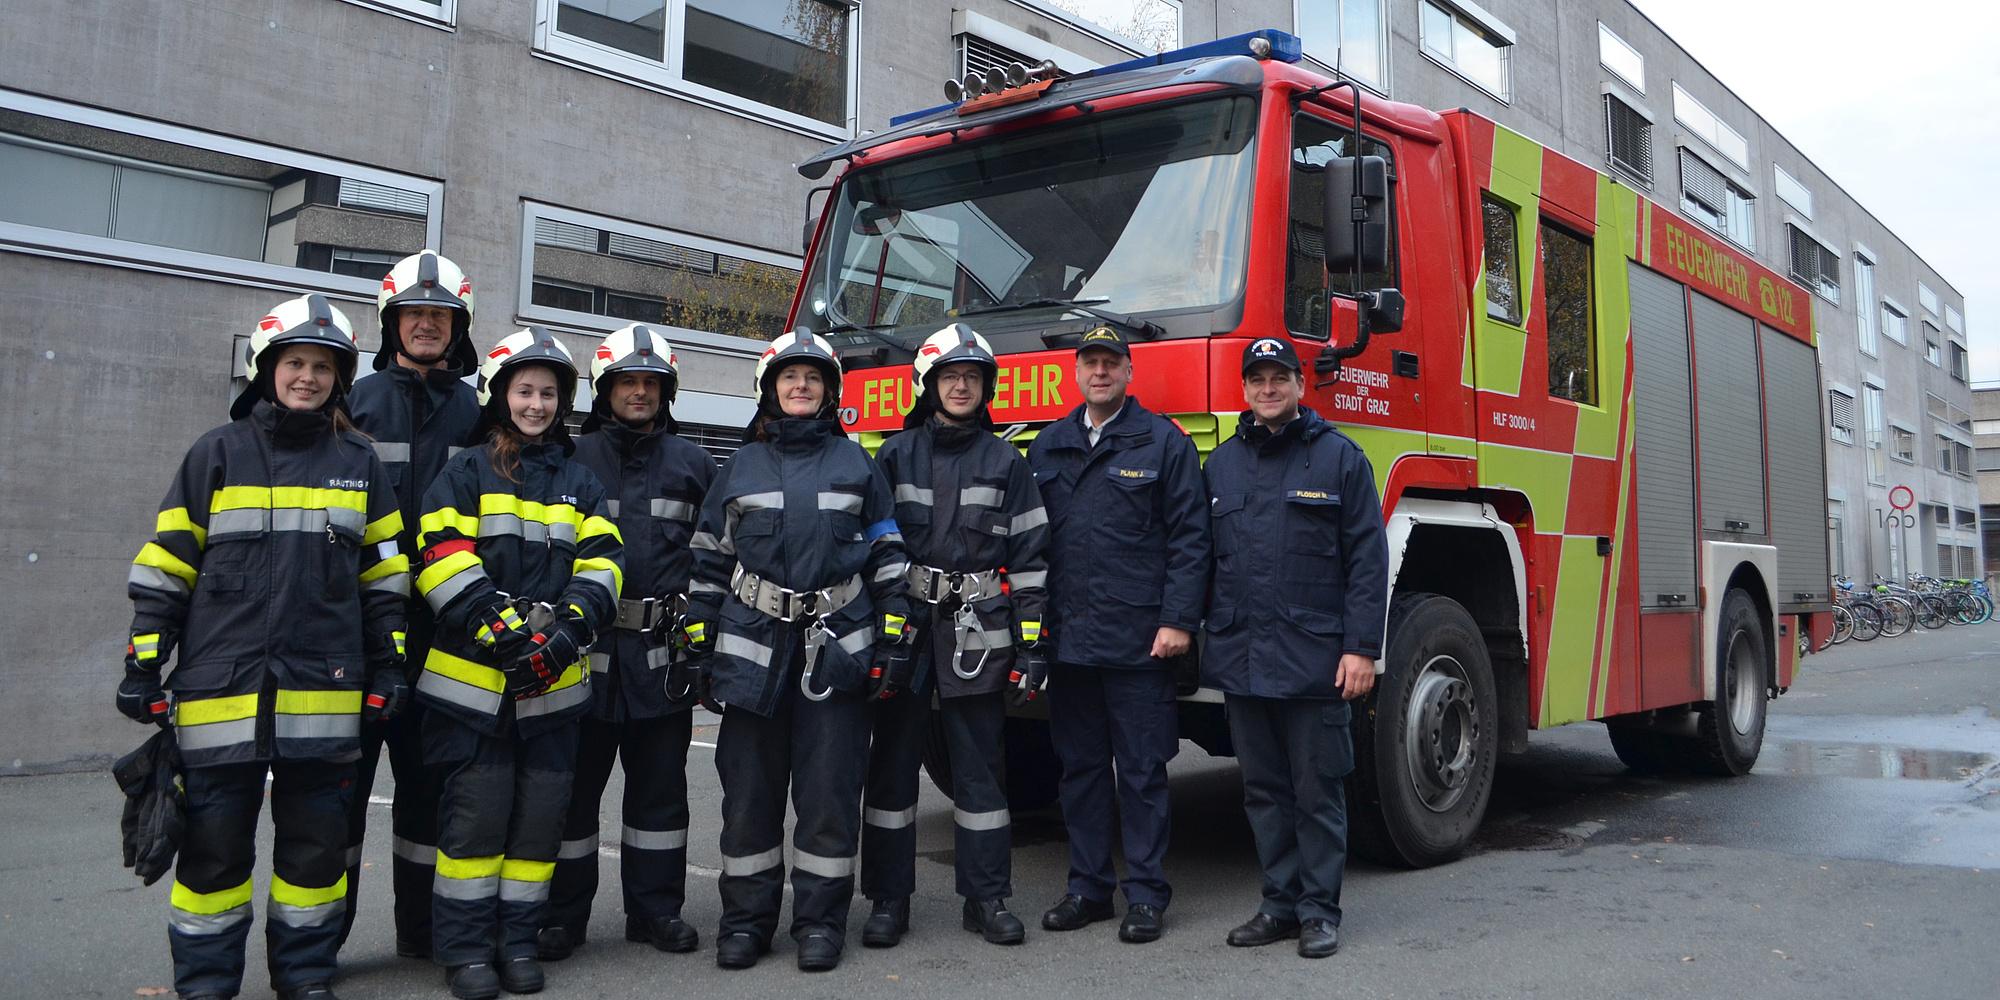 Kameradinnen und Kameraden der Freiwilligen Feuerwehr TU Graz stehen in Schutzkleidung vor einem  Feuerwehrfahrzeug.